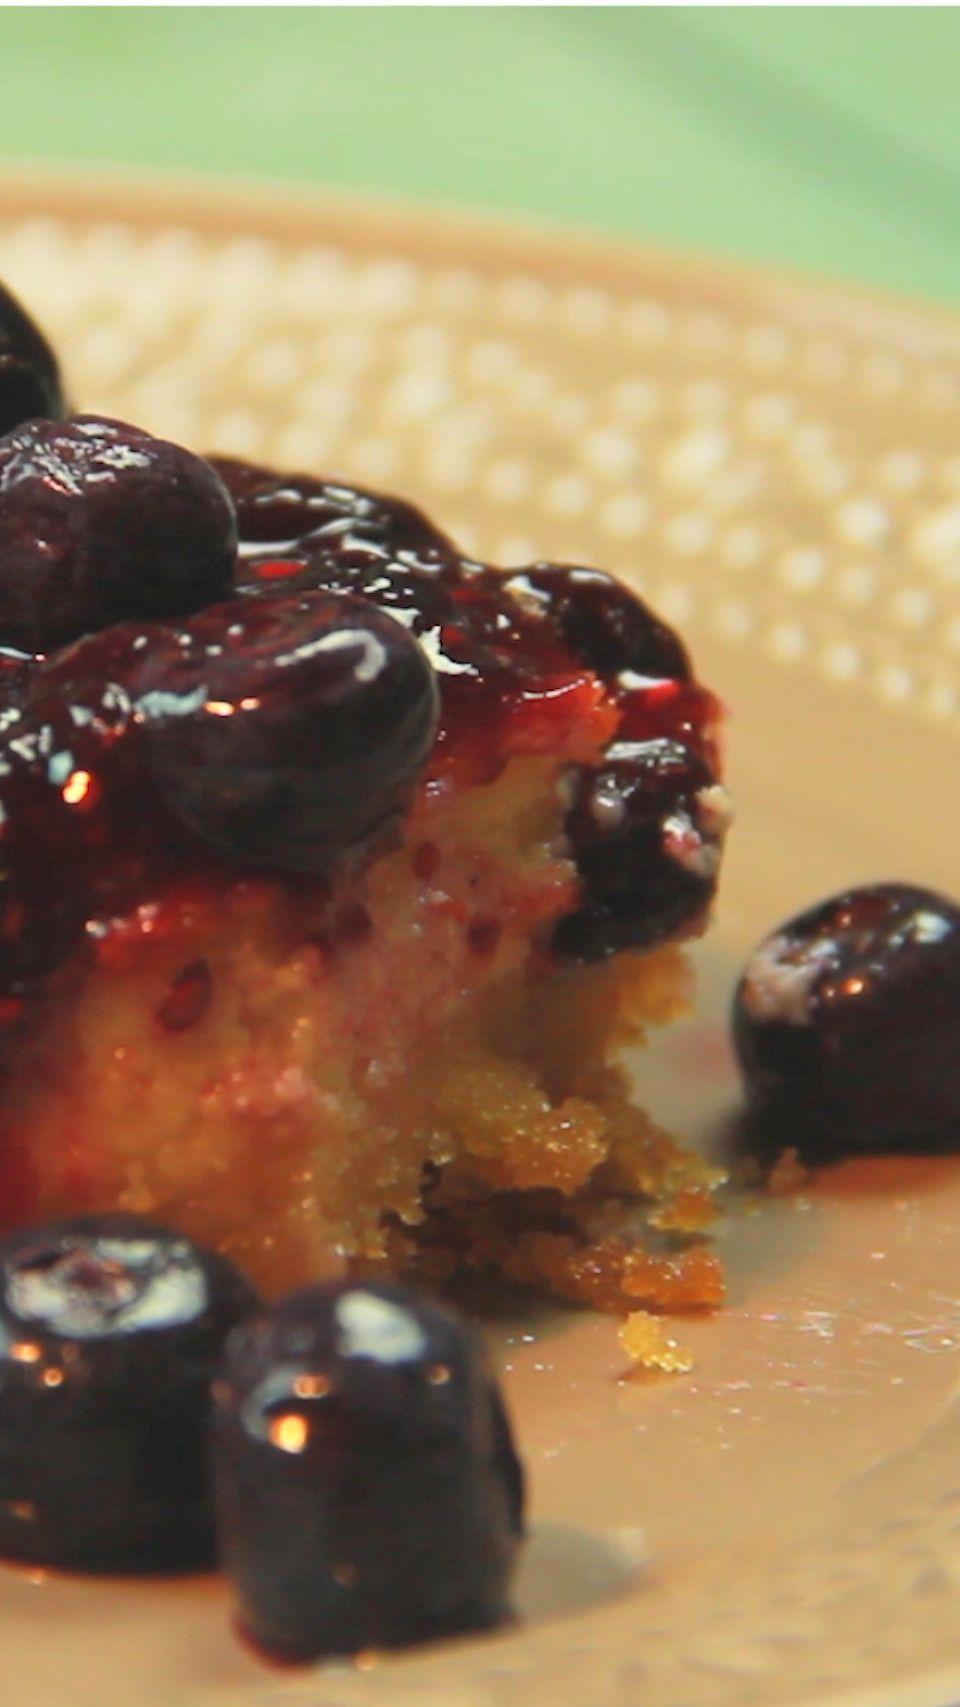 Exquisito Cheescake con salsa de Frutos rojos, ideal para el postre.